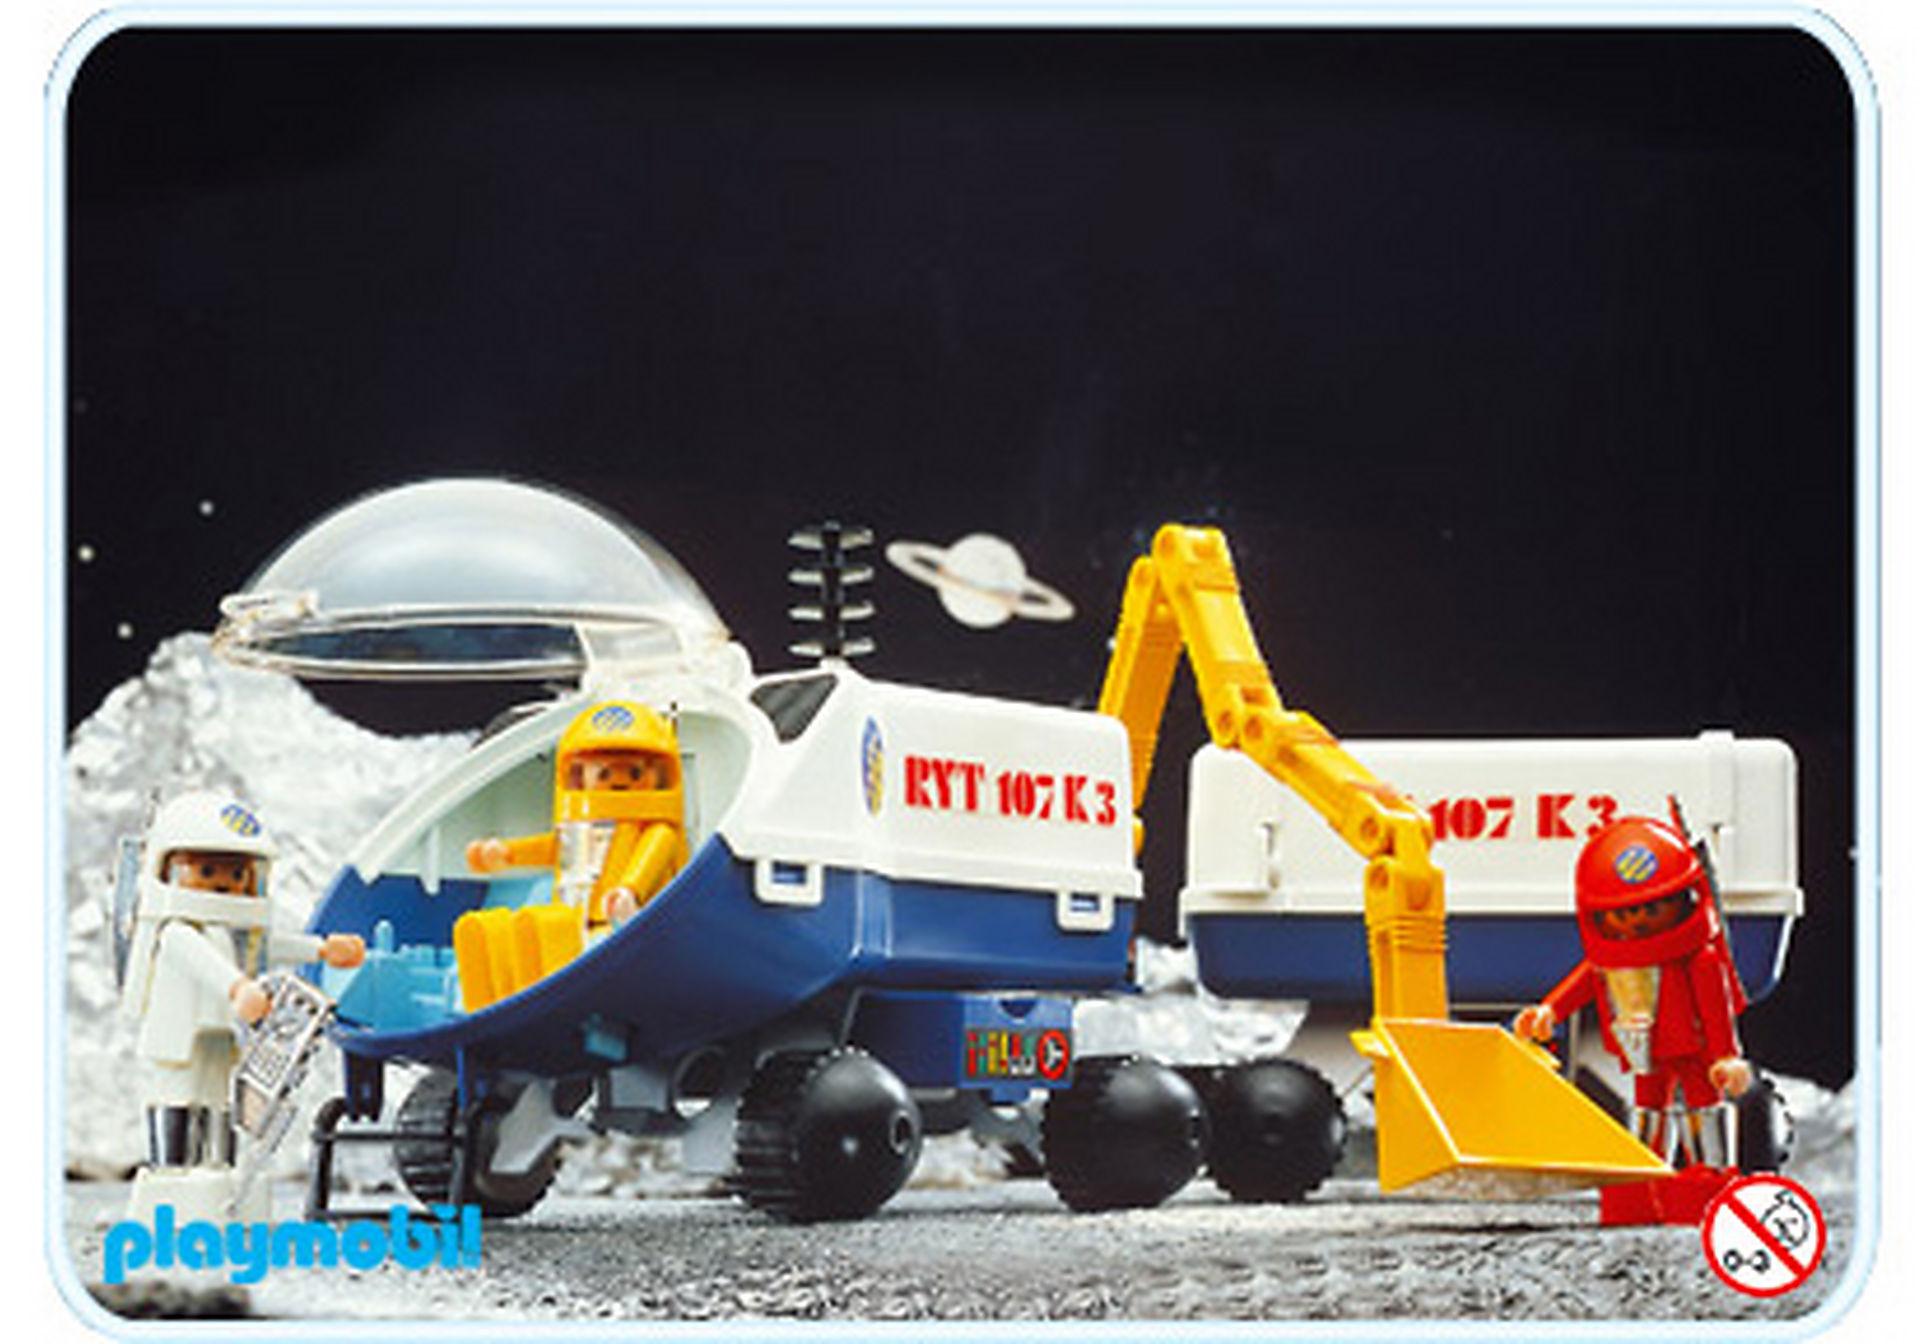 http://media.playmobil.com/i/playmobil/3559-A_product_detail/Raum-Rover/Trailer